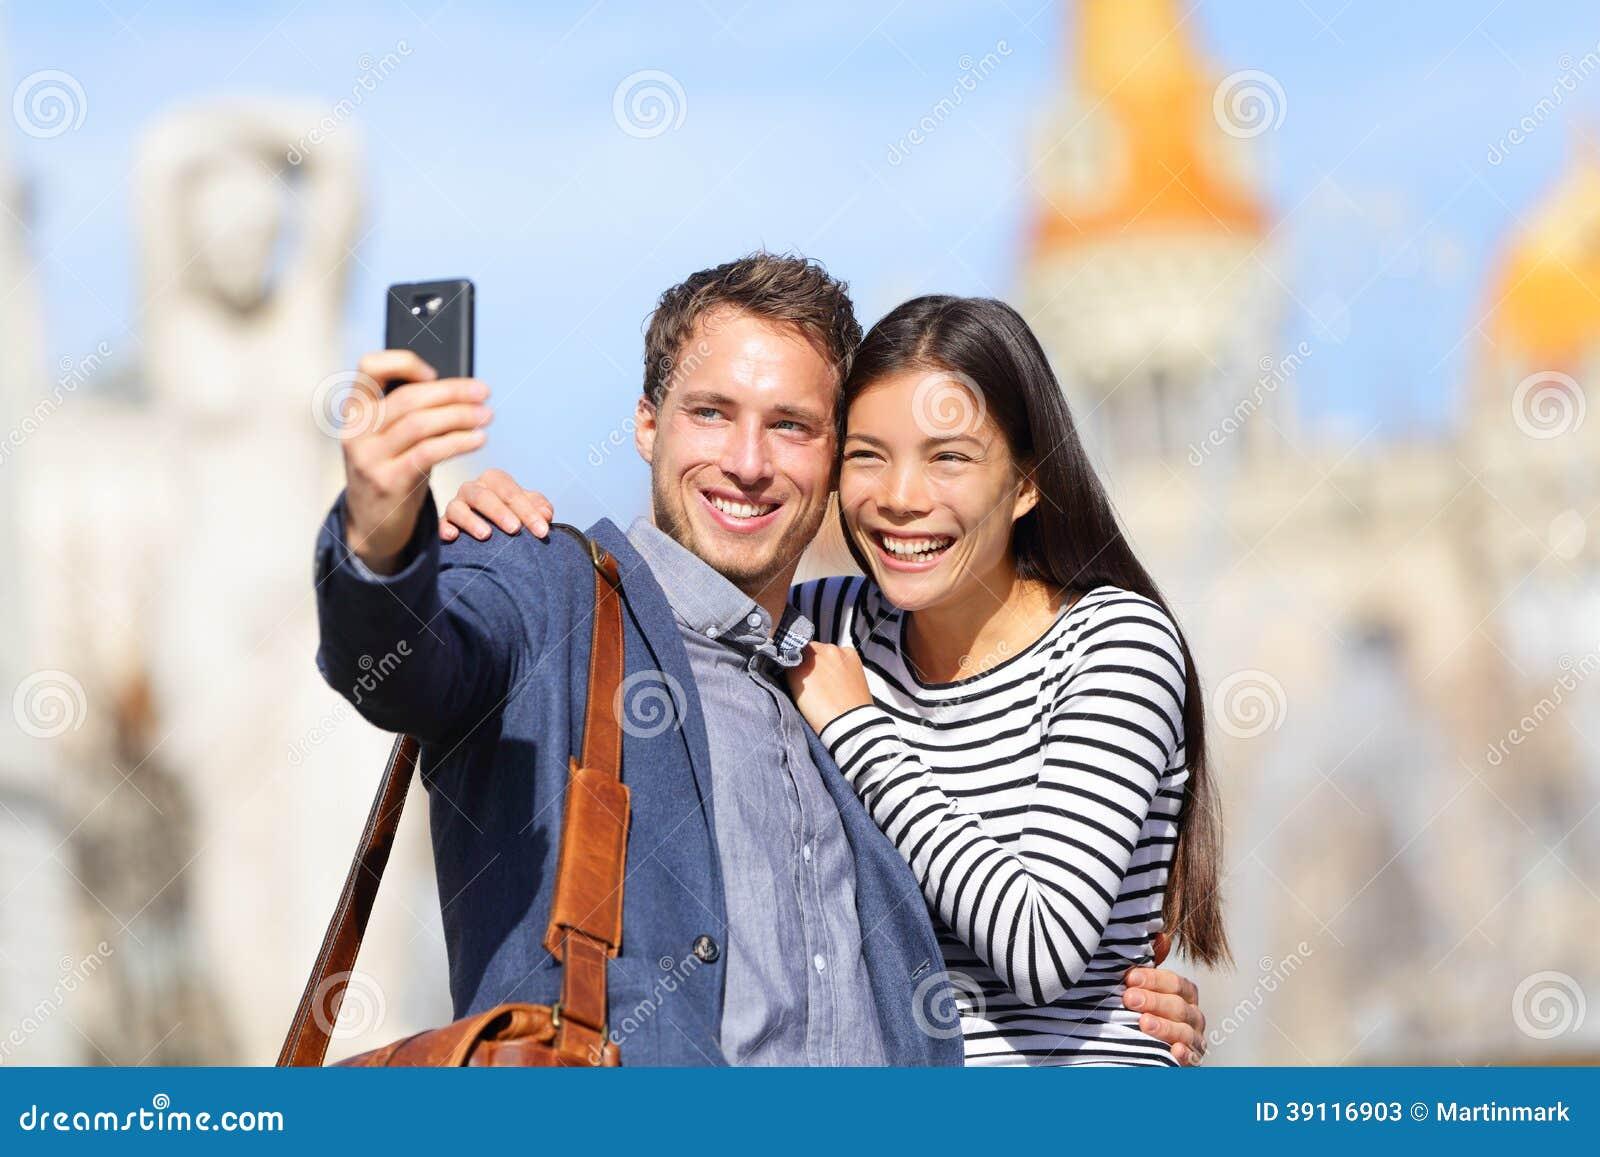 Minnaars - jonge paar gelukkige nemende selfie foto